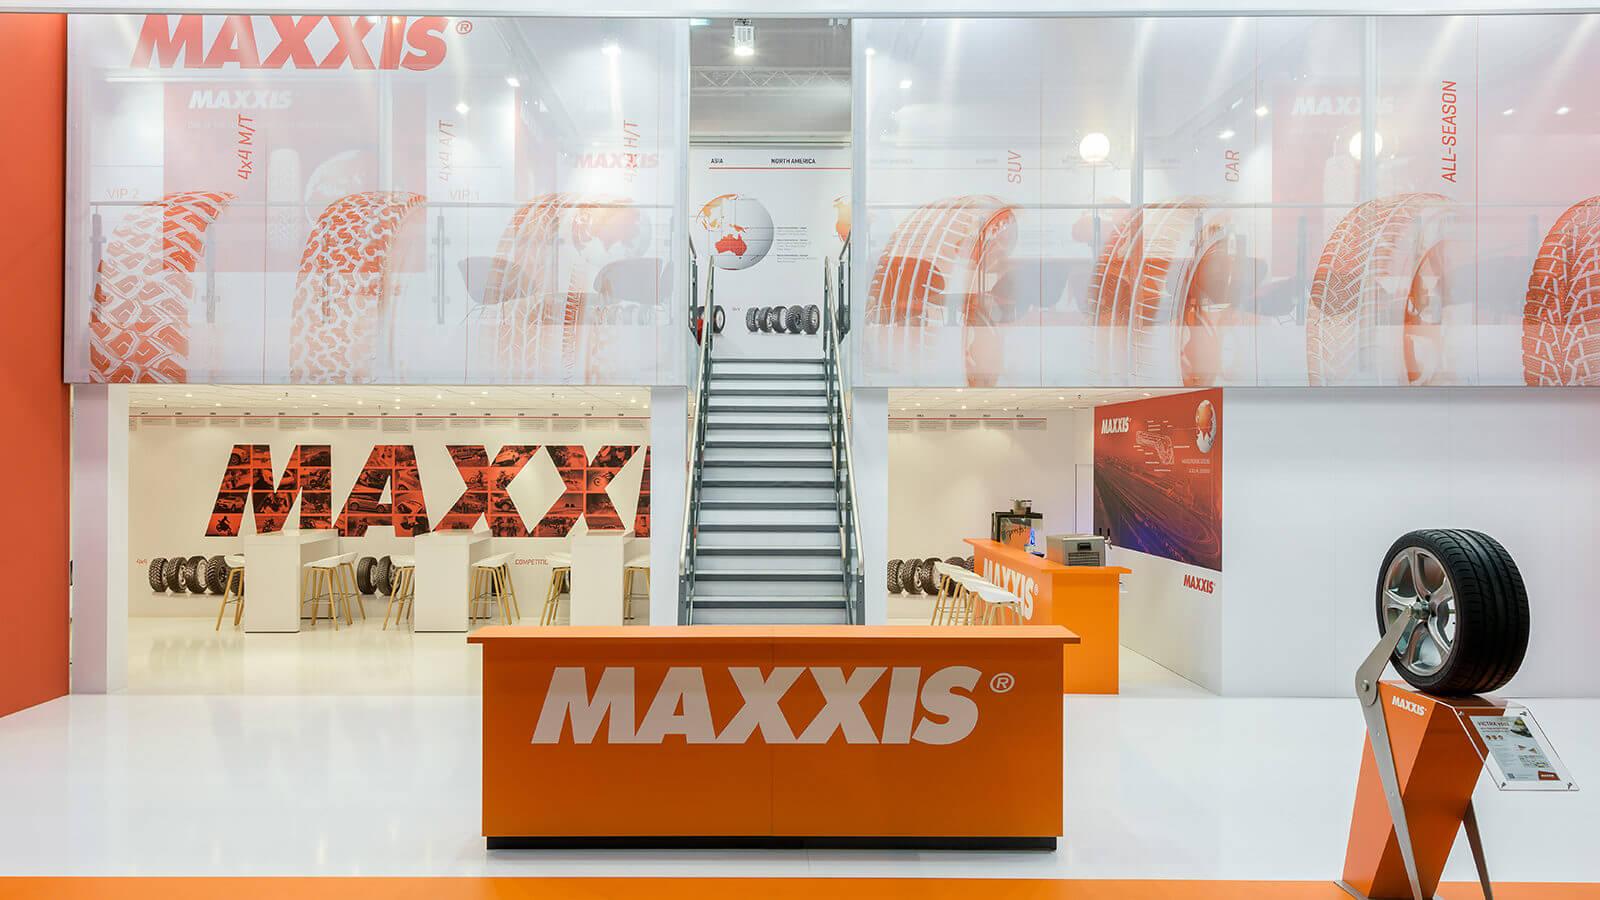 MAXXIS<br> 270 m², REIFEN in Essen